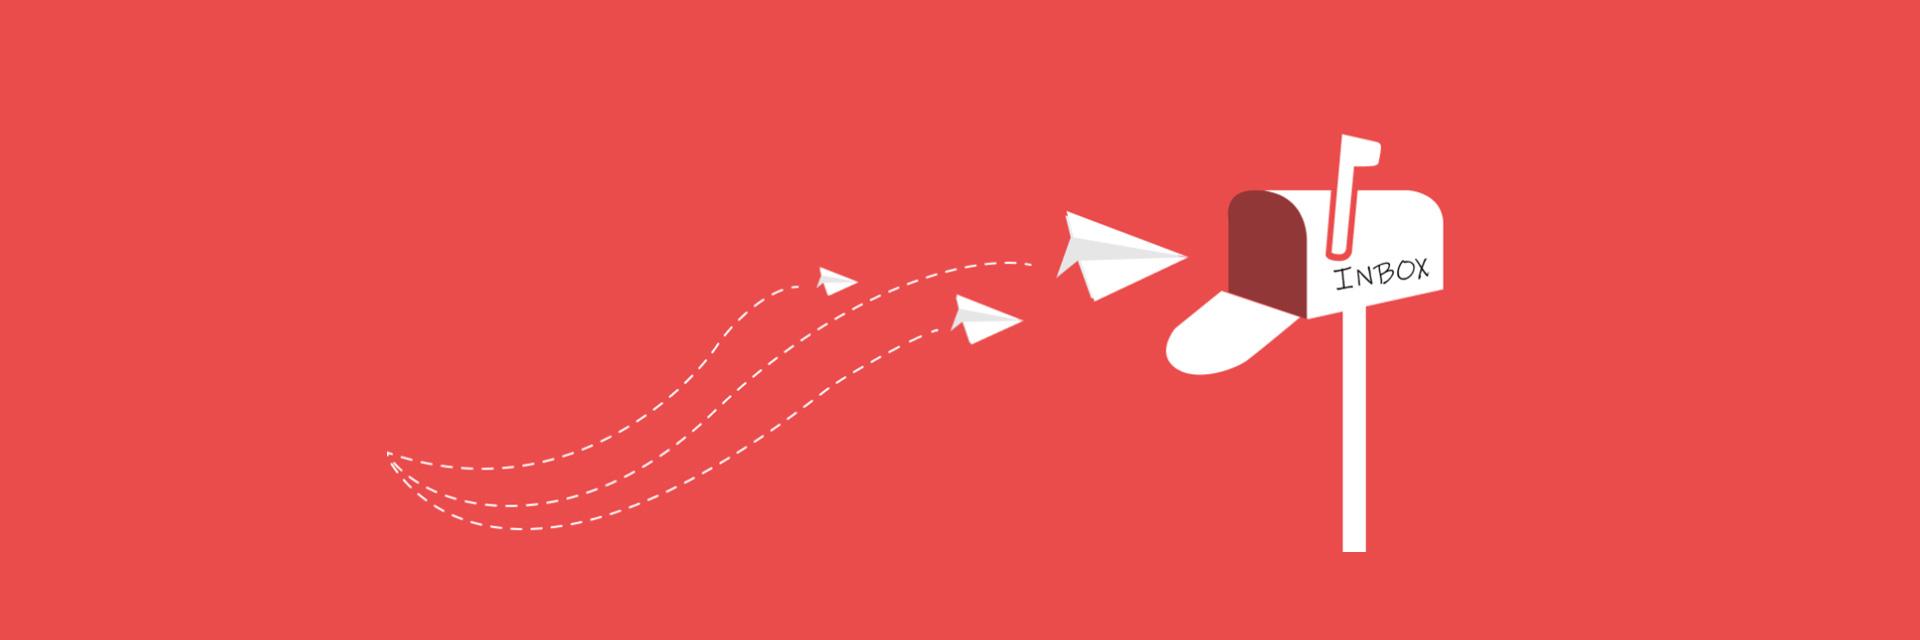 16个帮助外贸业务员或邮件营销人员避开垃圾邮件过滤器Spam Filter的关键秘密